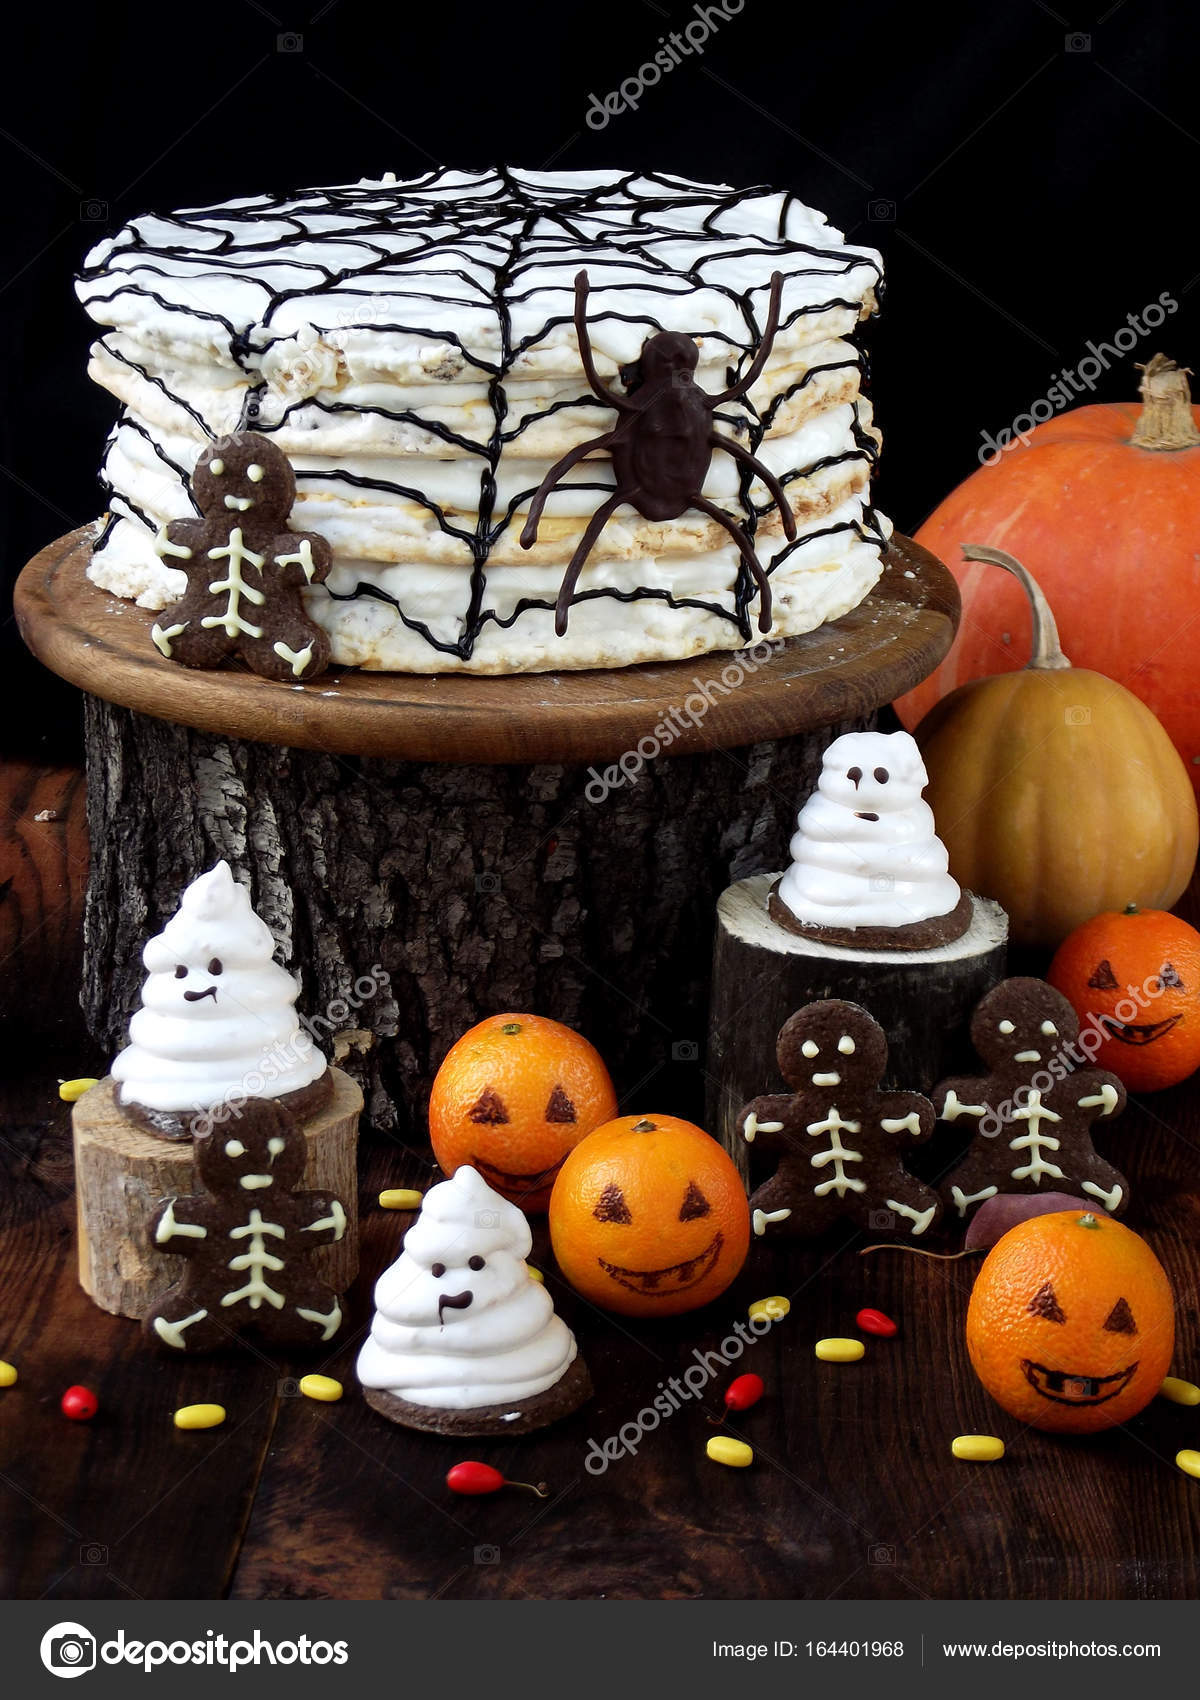 Composition d licieuse dr le pour halloween avec g teau - Image halloween drole ...